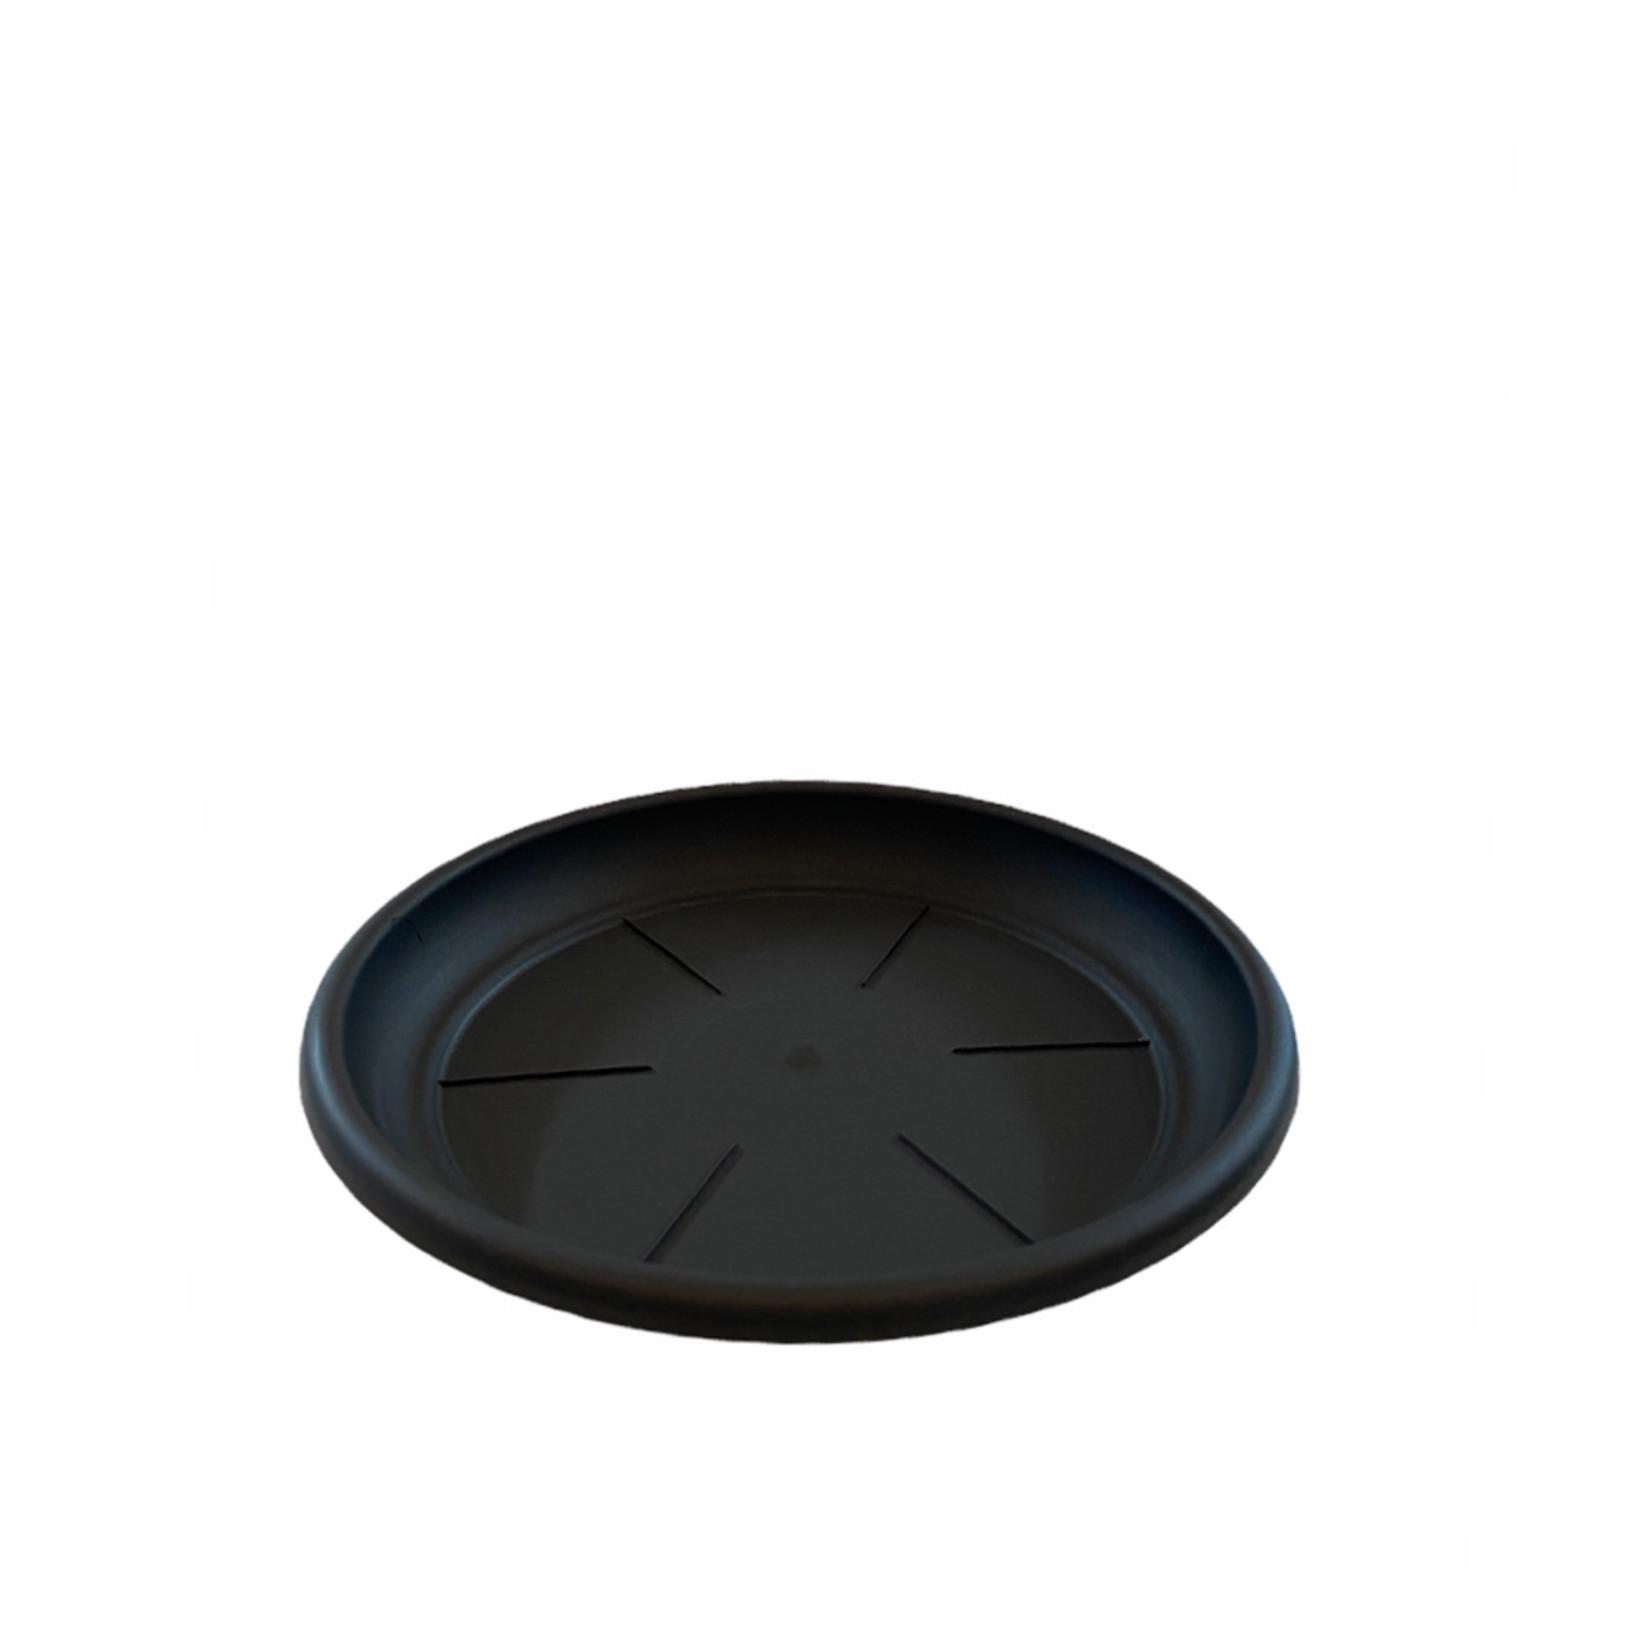 Teraplast Sottovaso, Antracite 35cm